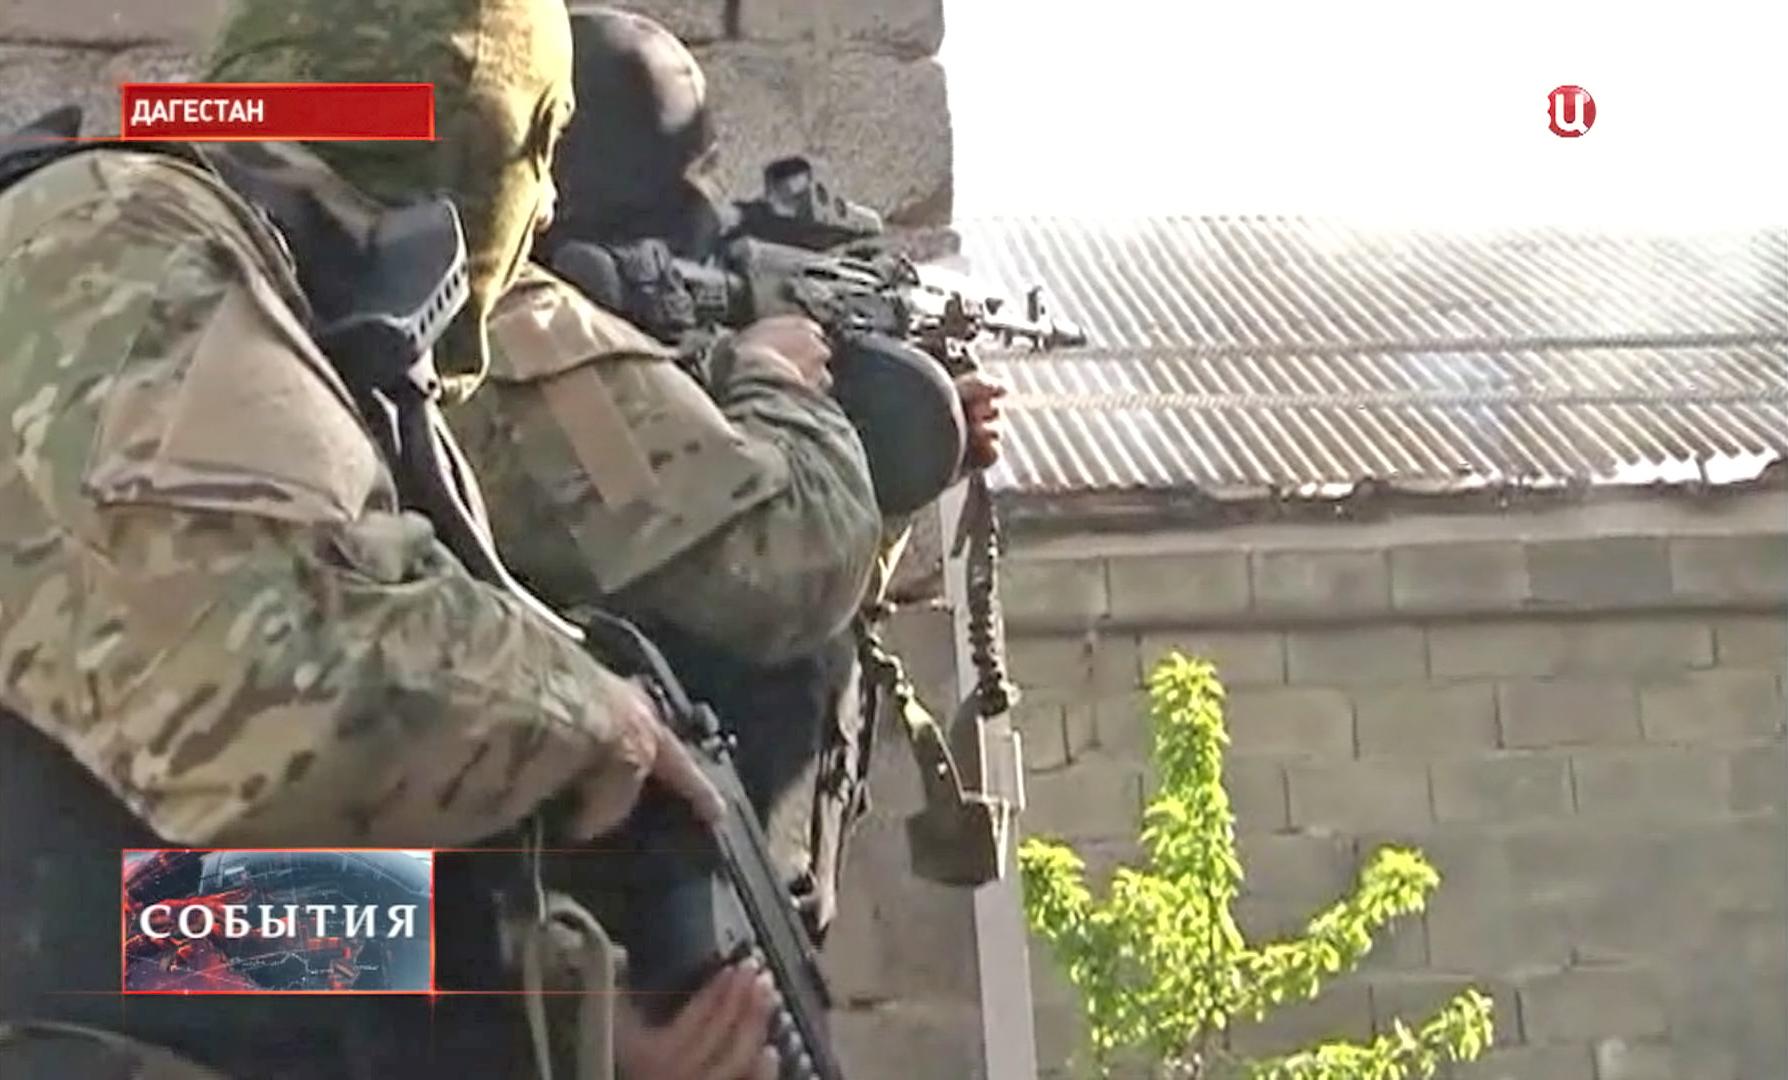 Группа боевиков в Дагестане